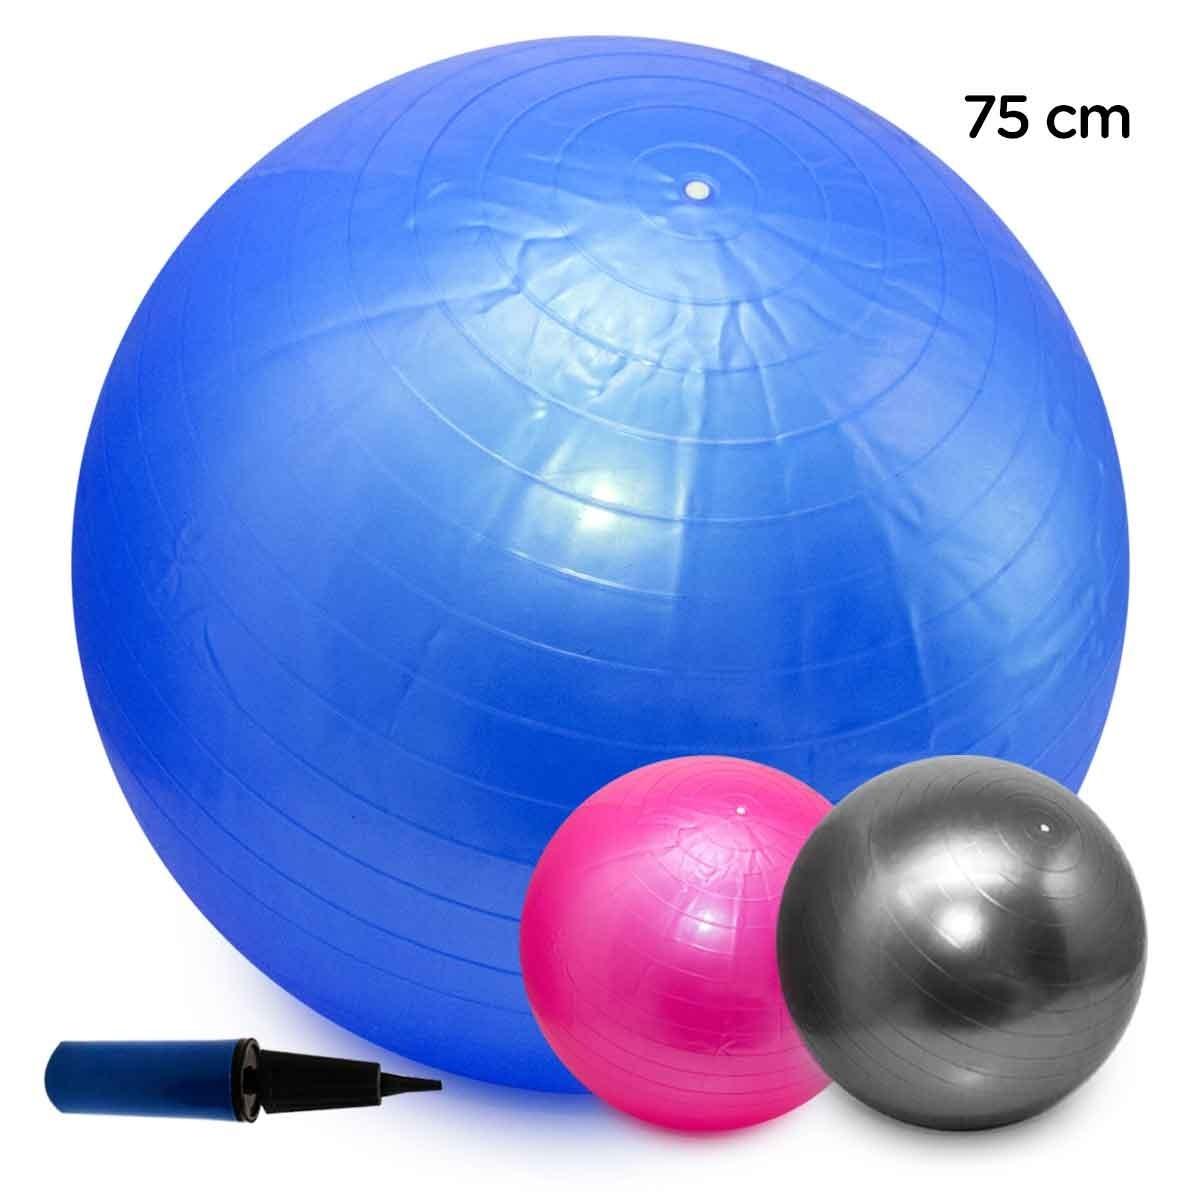 bola pilates yoga abdominal ginástica fitness 75cm c  bomba. Carregando  zoom. 8192e2ebd72c7